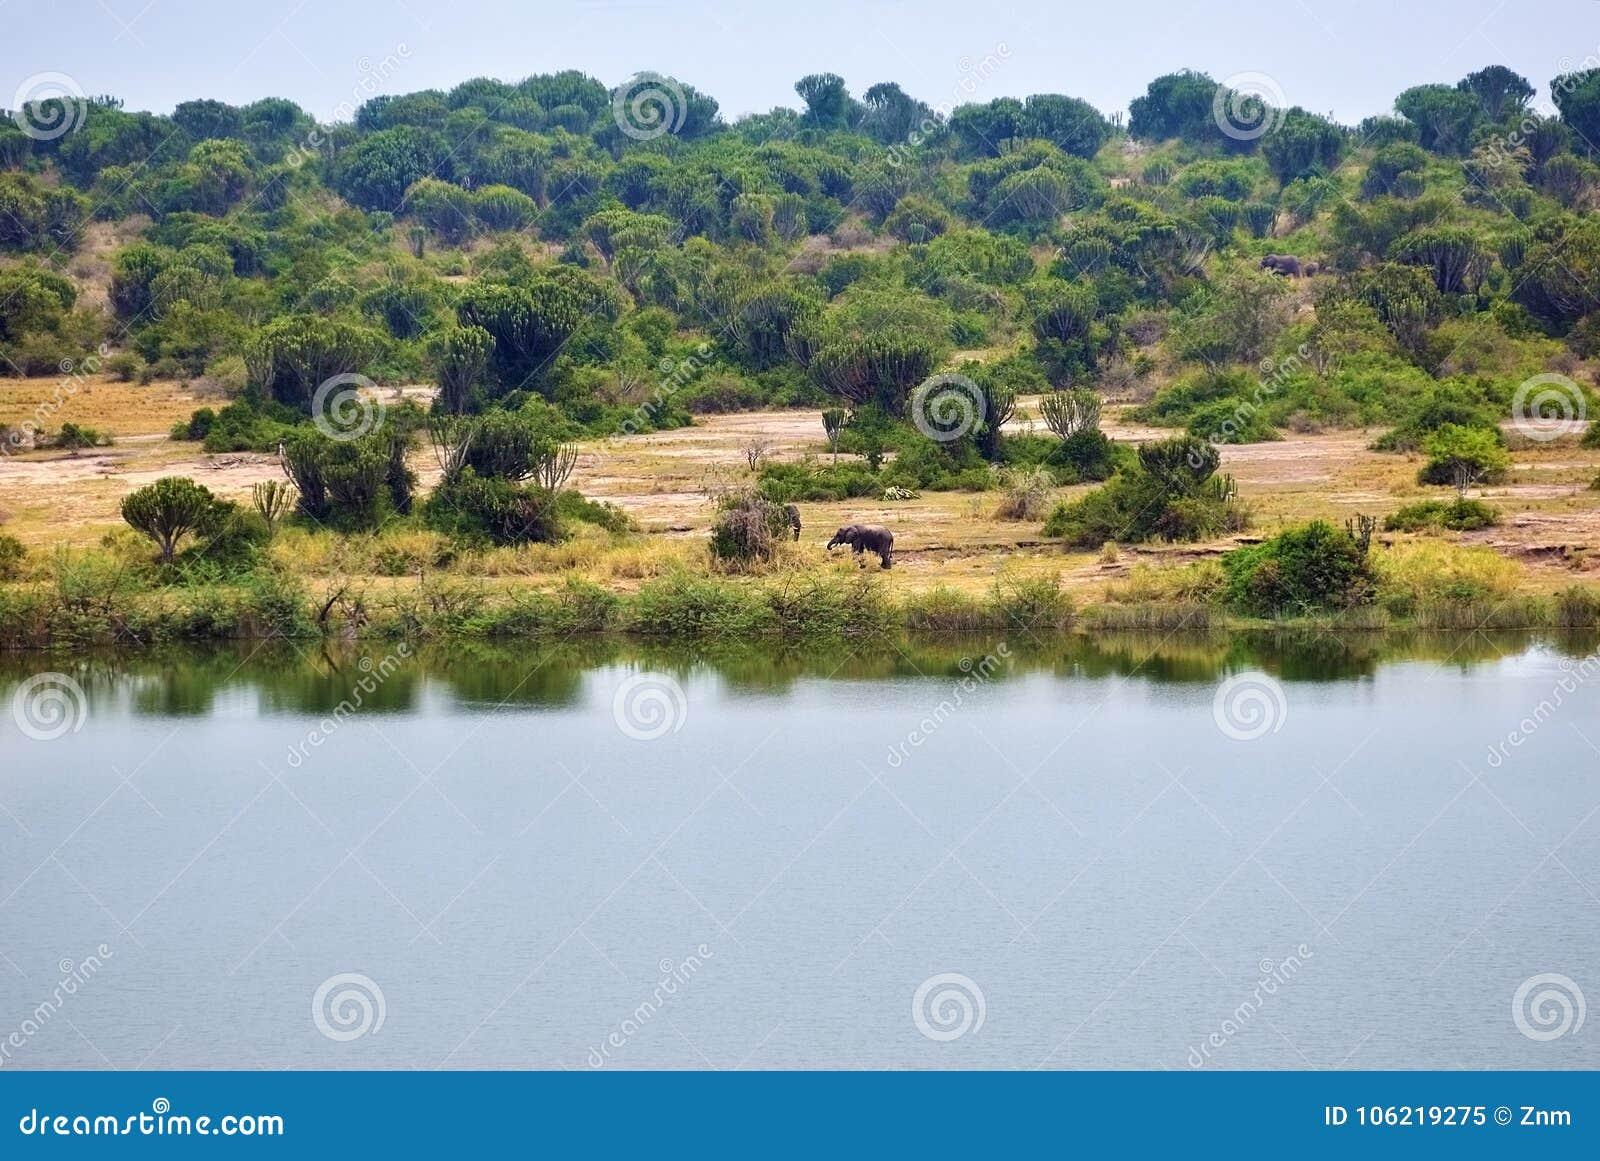 Lac George en Ouganda